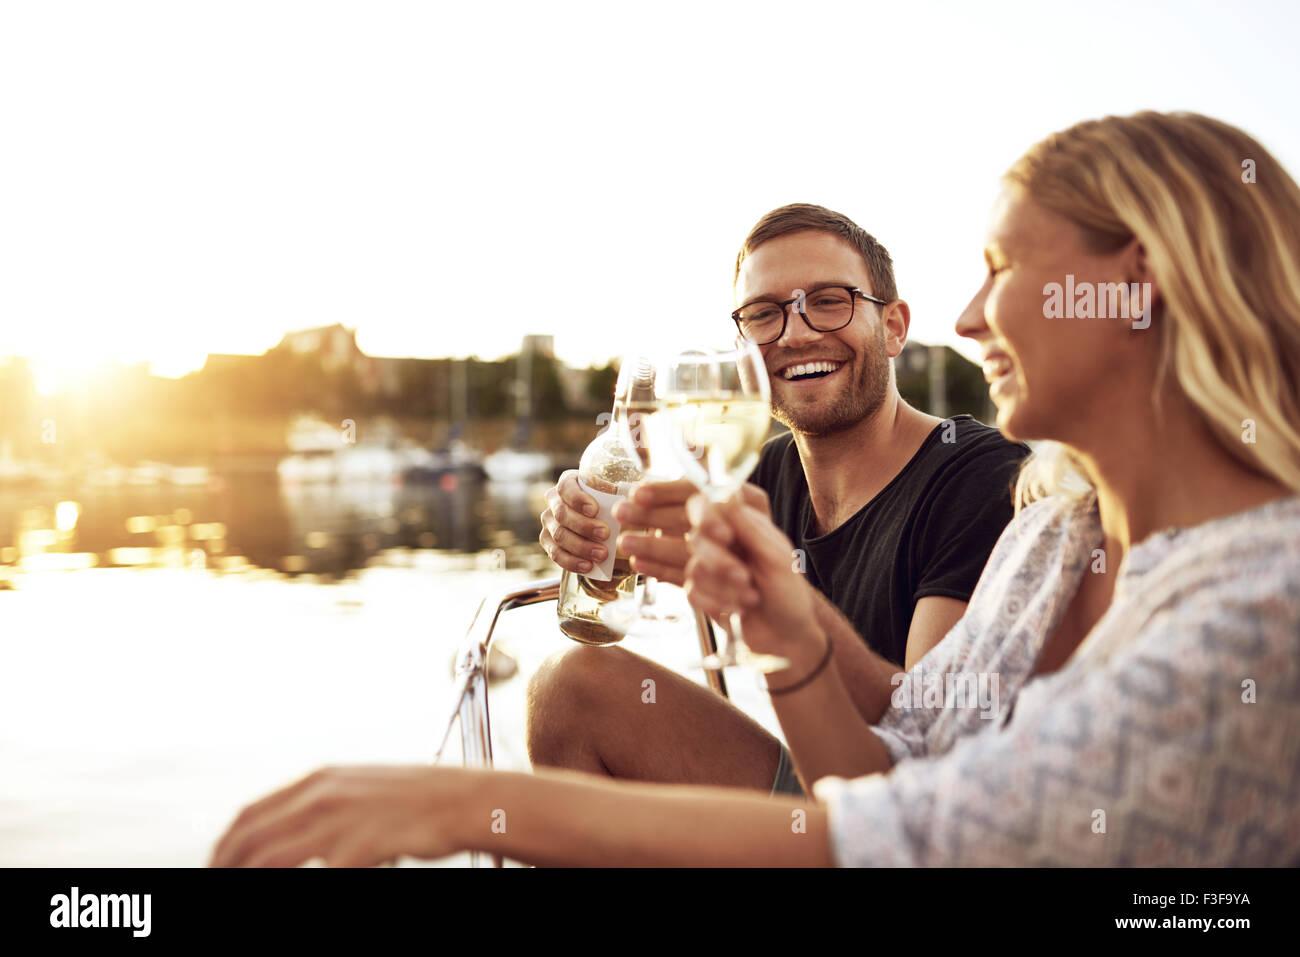 Feliz pareja gafas de tostado en una noche de verano Imagen De Stock